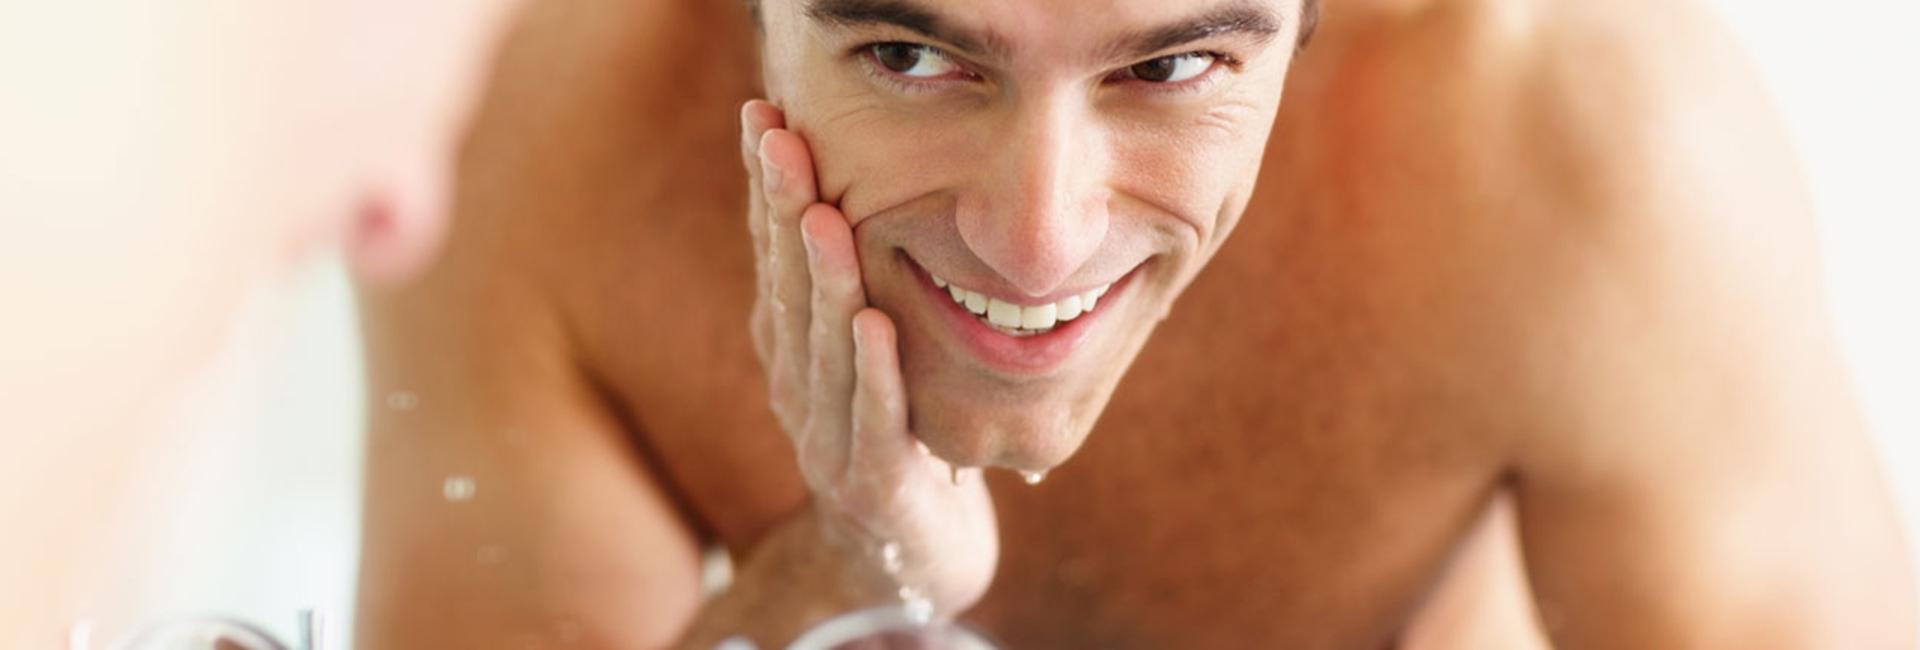 concours-eucerin-aquaporine-blog-beaute-soin-parfum-homme